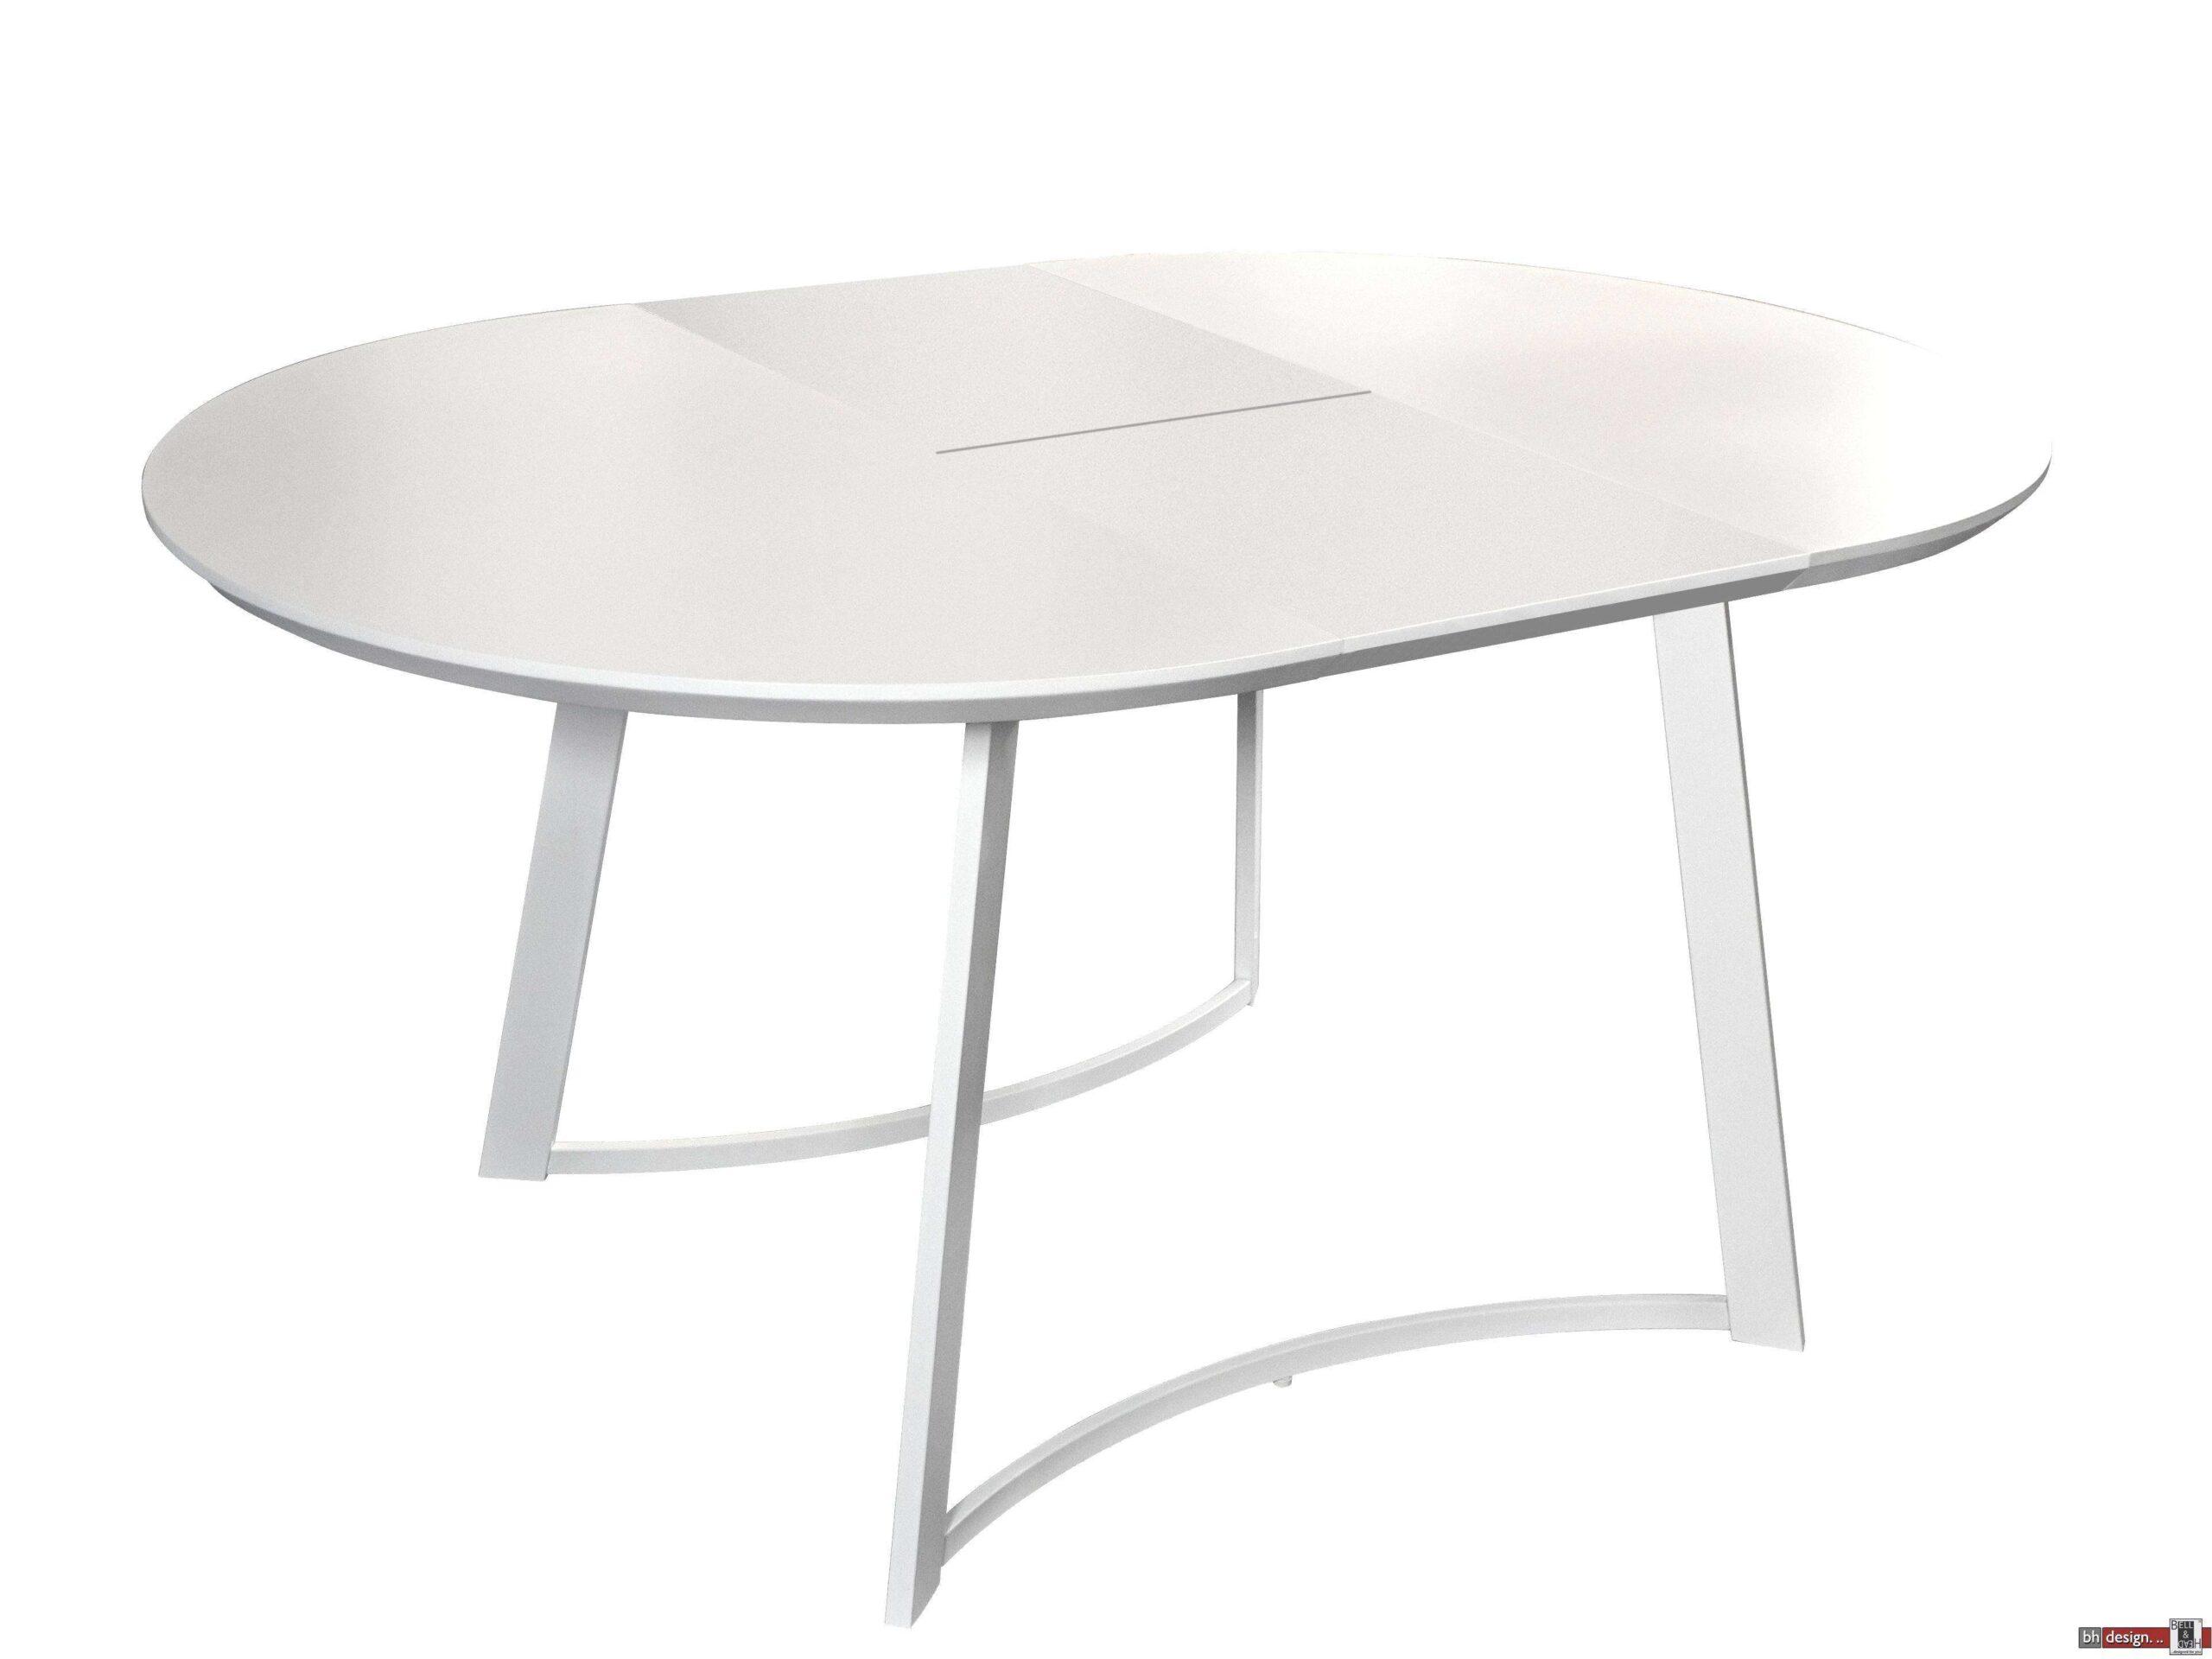 Full Size of Tisch Rund Ausziehbar Elegant Ikea Esstisch Amegweb Tolles Skandinavisch Esstische Design Großer Runder Weiß Nussbaum Massivholz Runde Betten Weißer Oval Esstische Esstisch Rund Ausziehbar